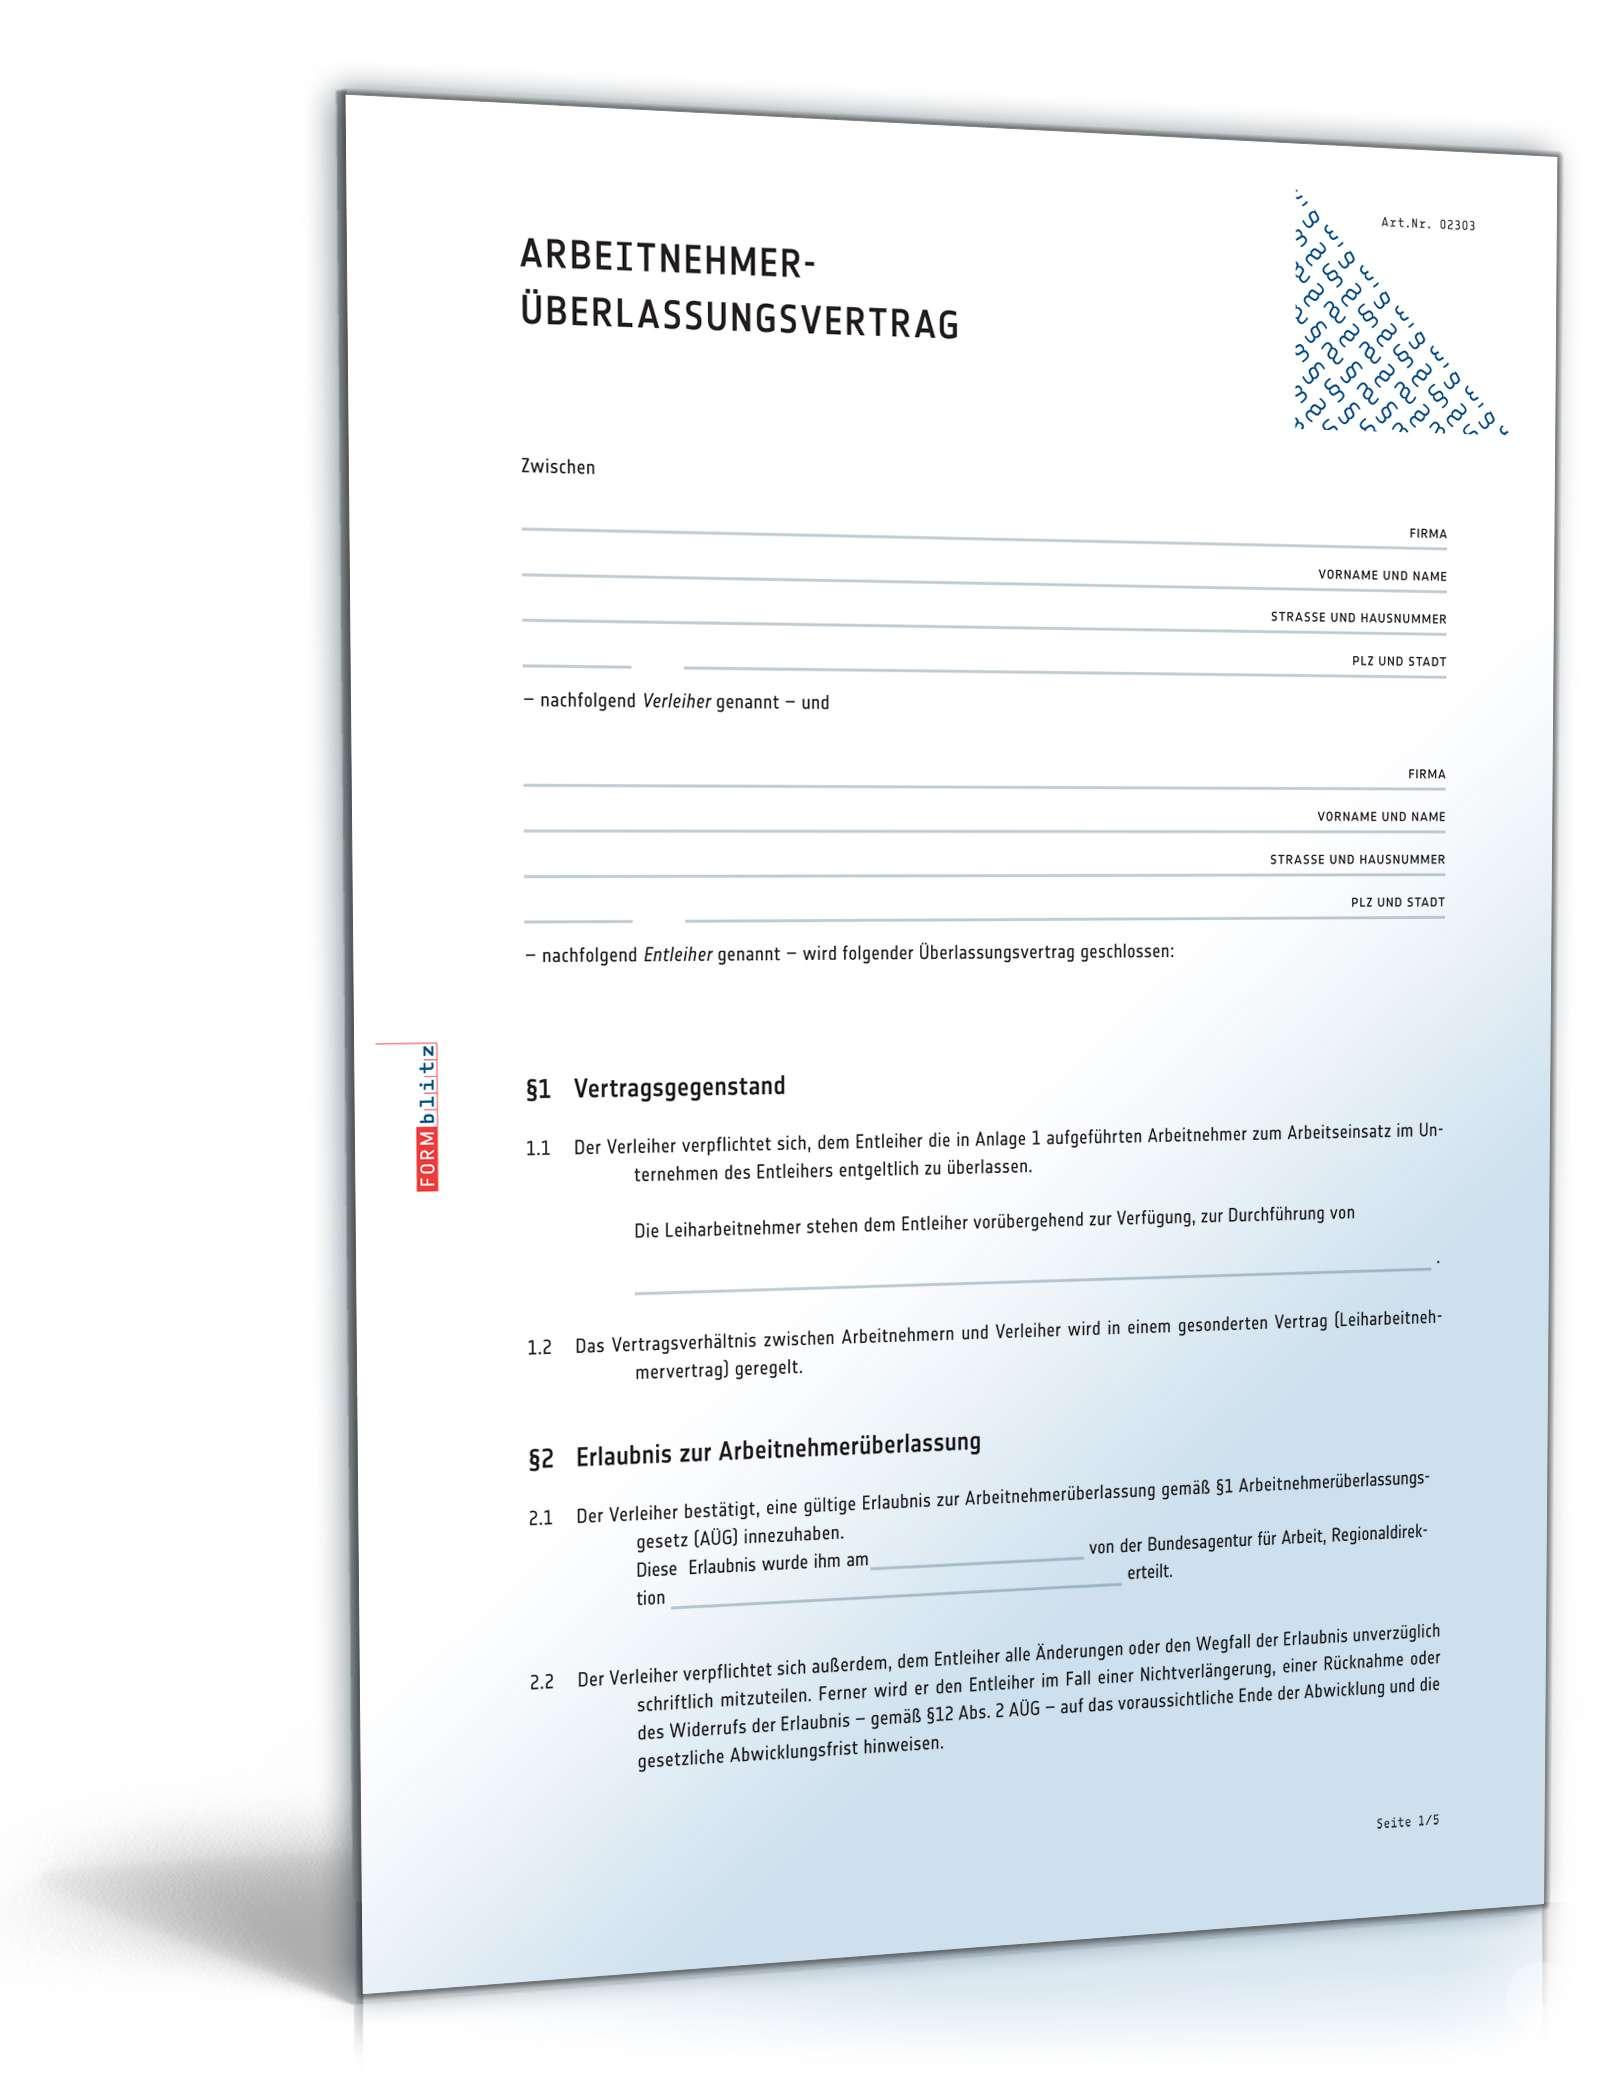 Arbeitnehmerüberlassungsvertrag Muster Zum Download